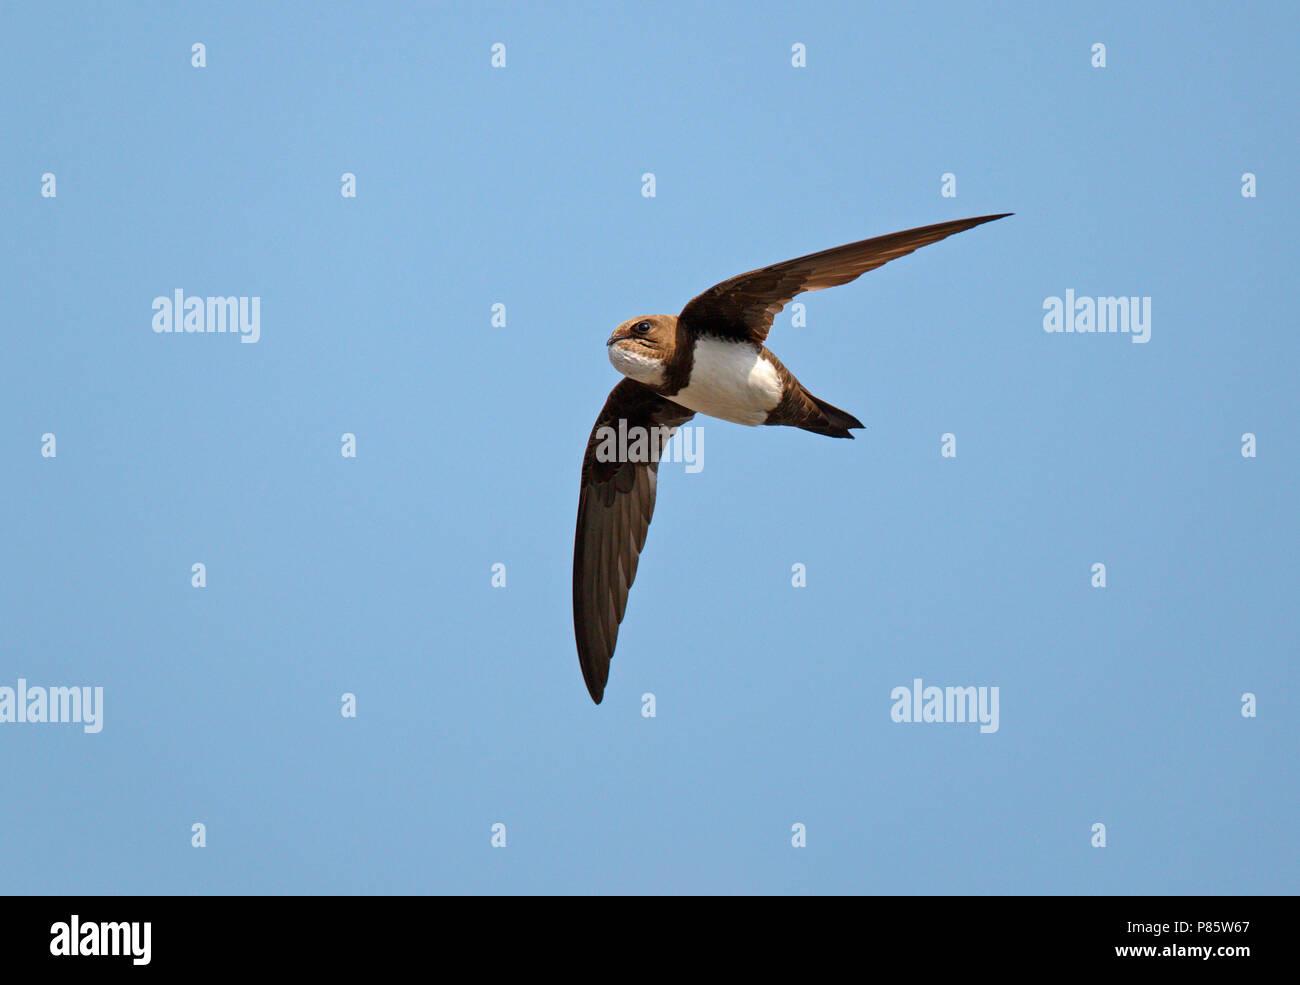 Vliegende Alpengierzwaluw met volle krop;Flying Alpine Swift Stock Photo